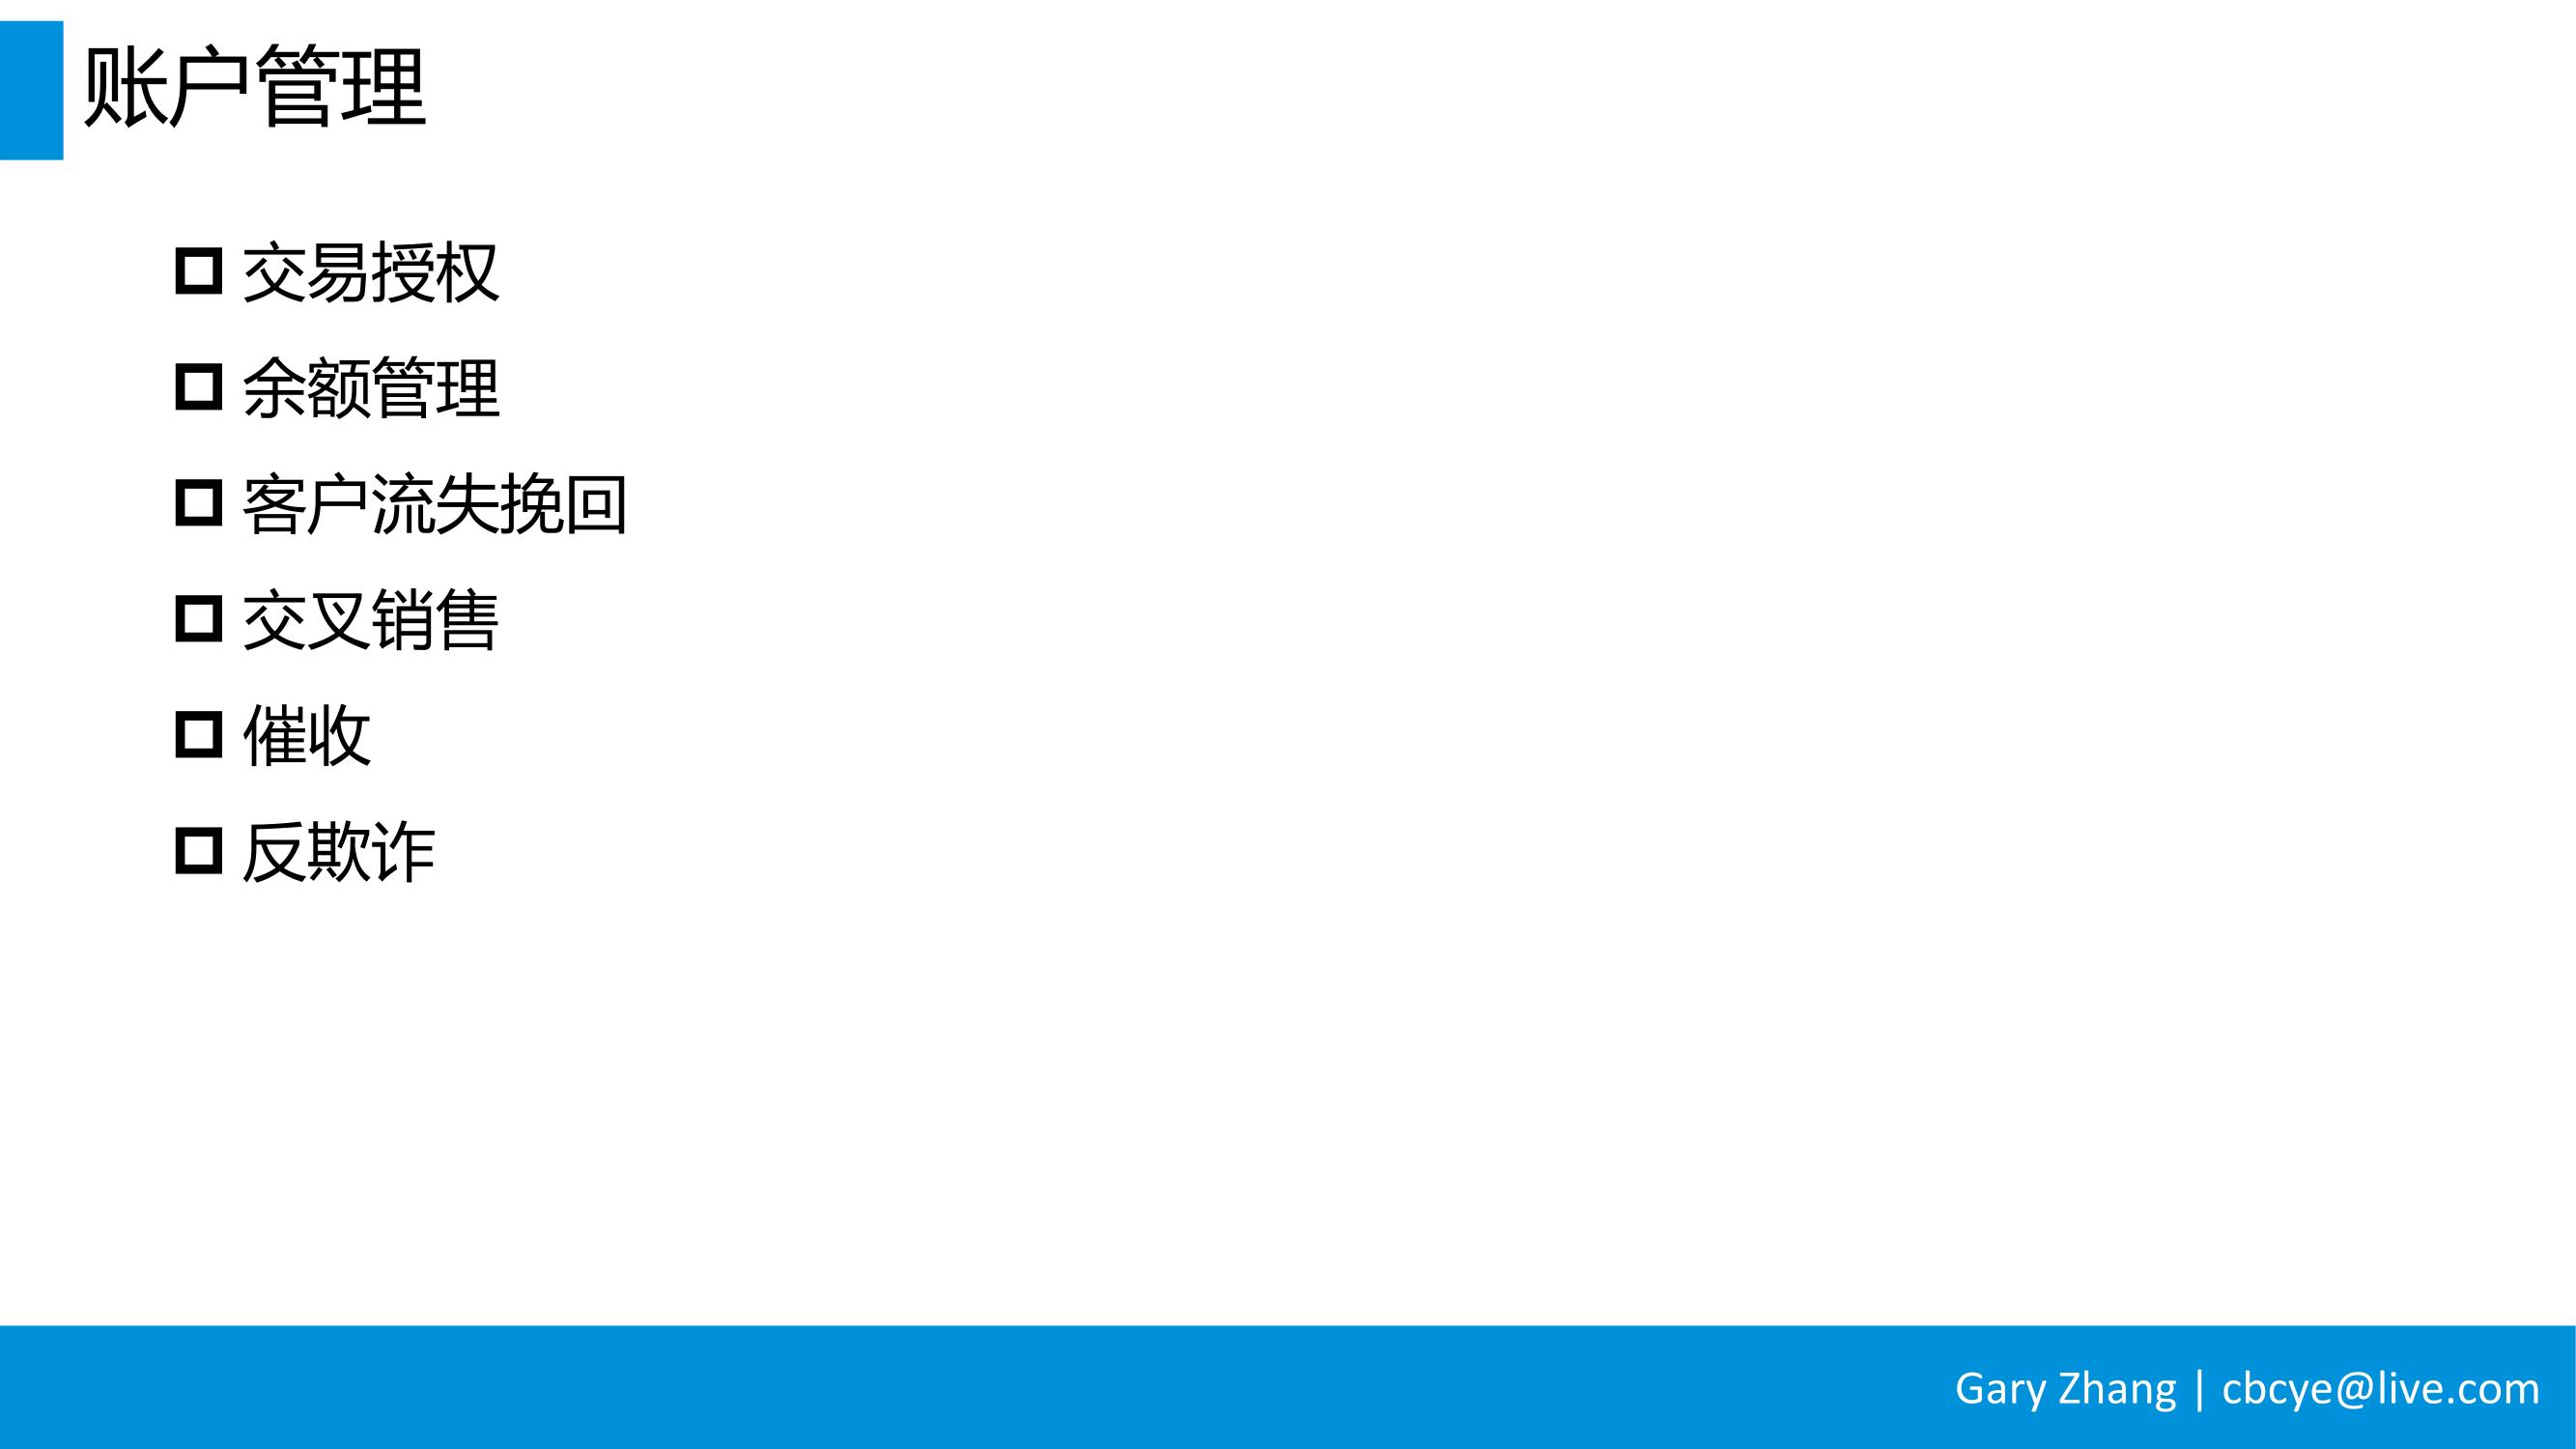 消费金融业务全流程指南_v1.0-045